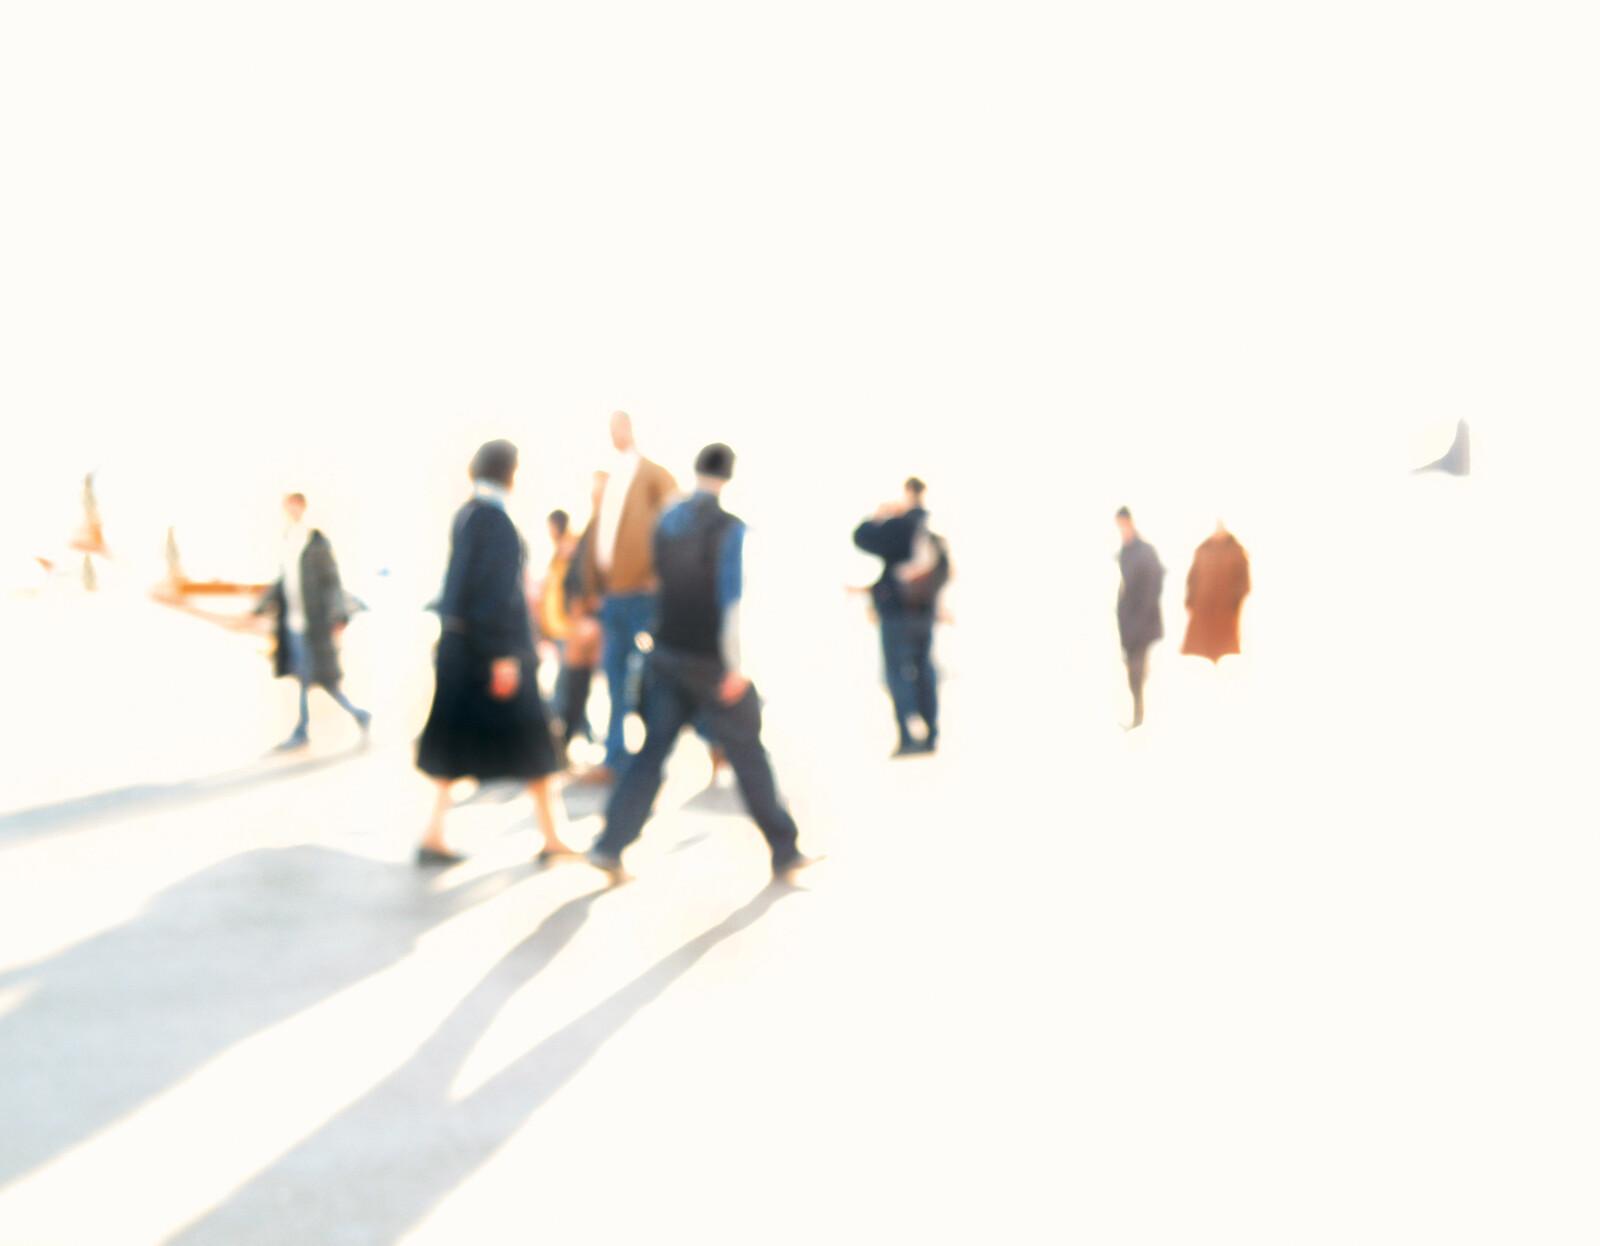 Marseille, Freitag II - Ricoh Gerbl